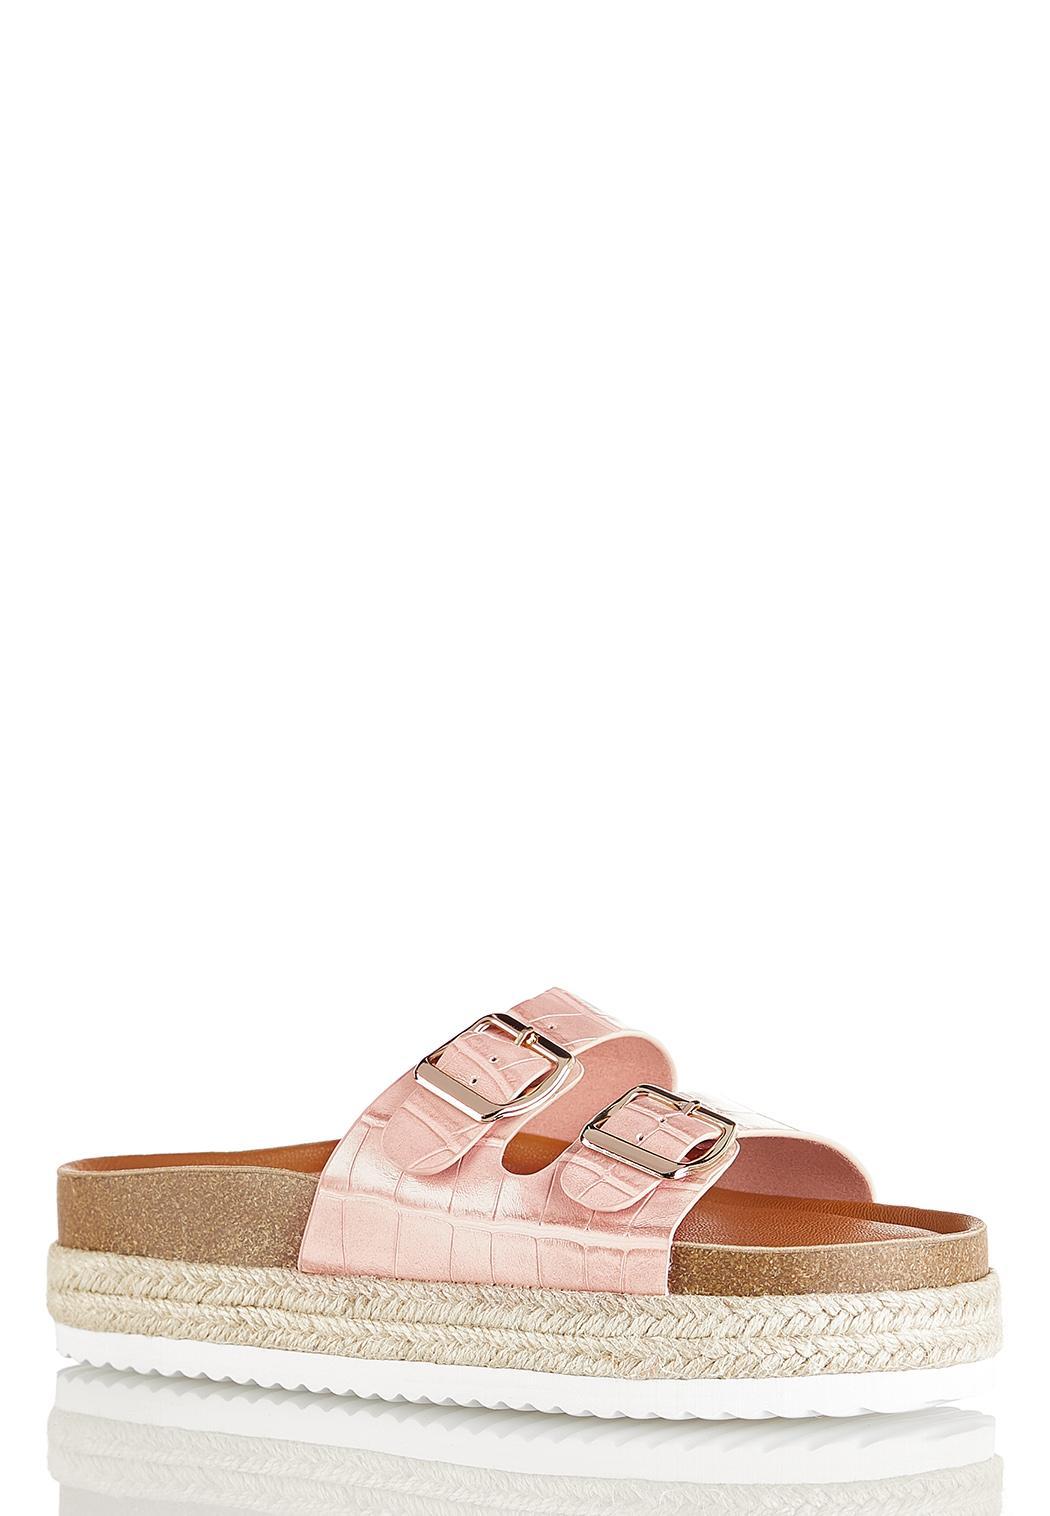 Buckle Band Flatform Sandals